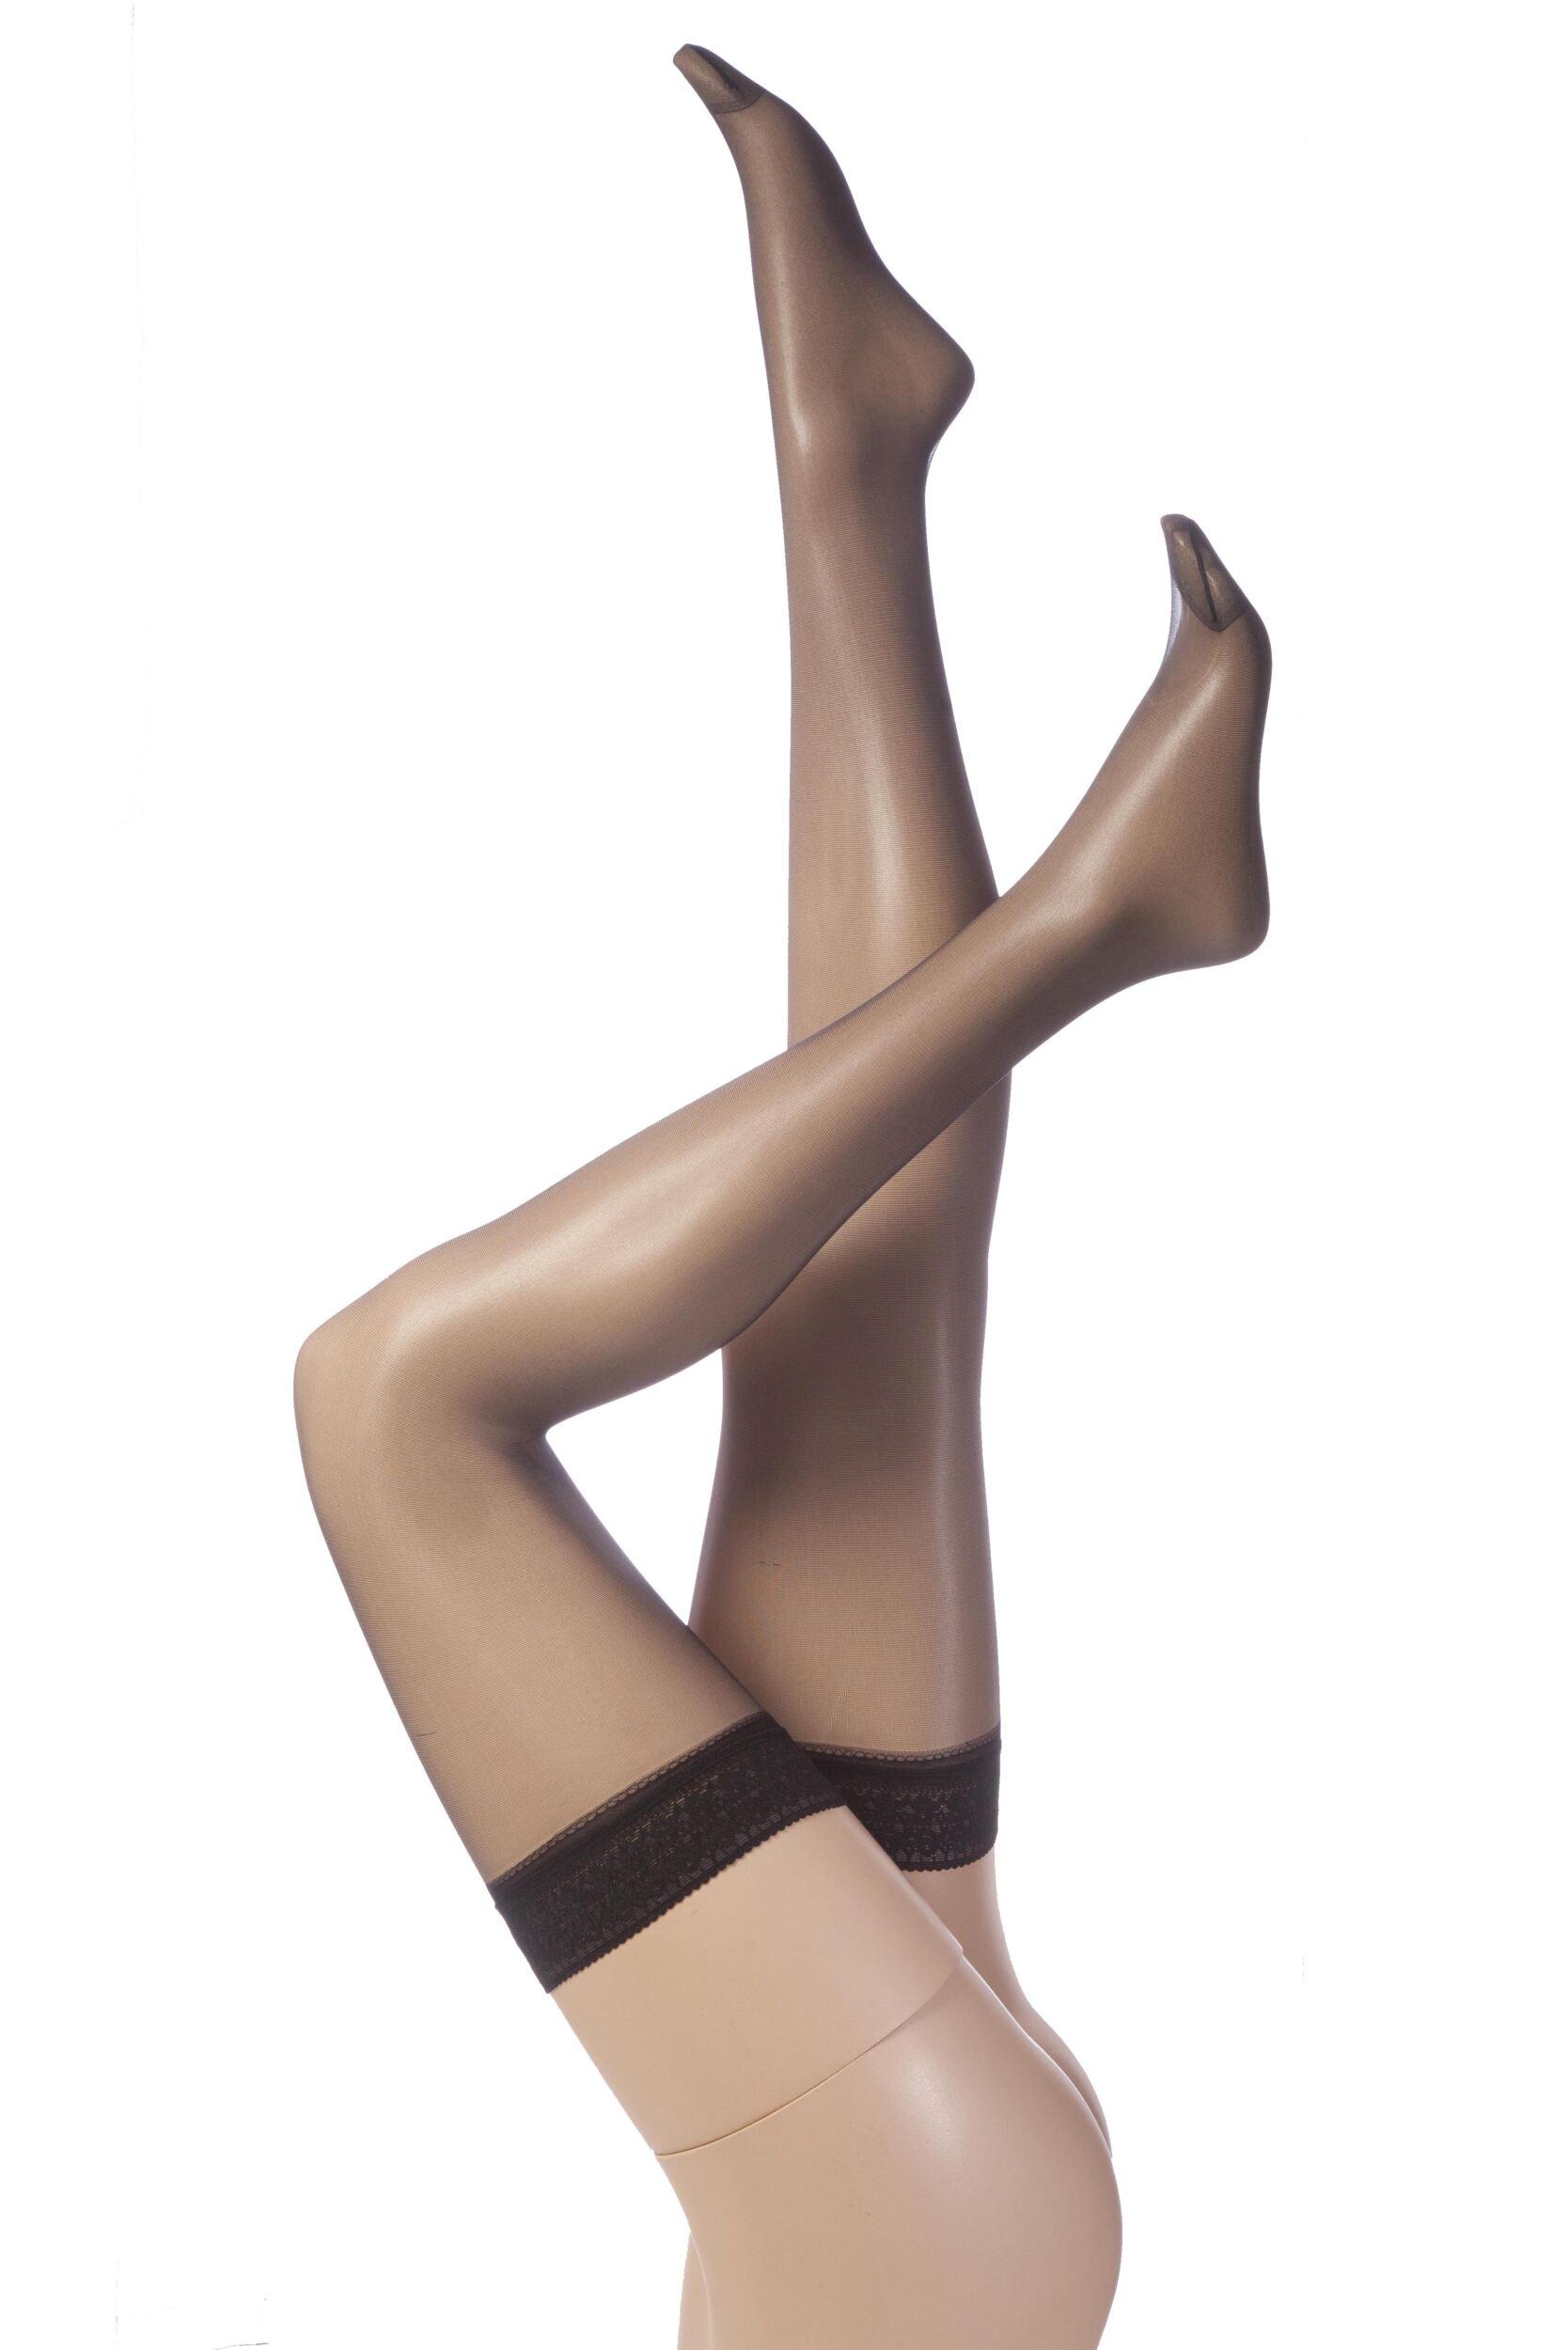 Ladies 6 Pair SockShop 15 Denier Smooth Sheer Hold Ups